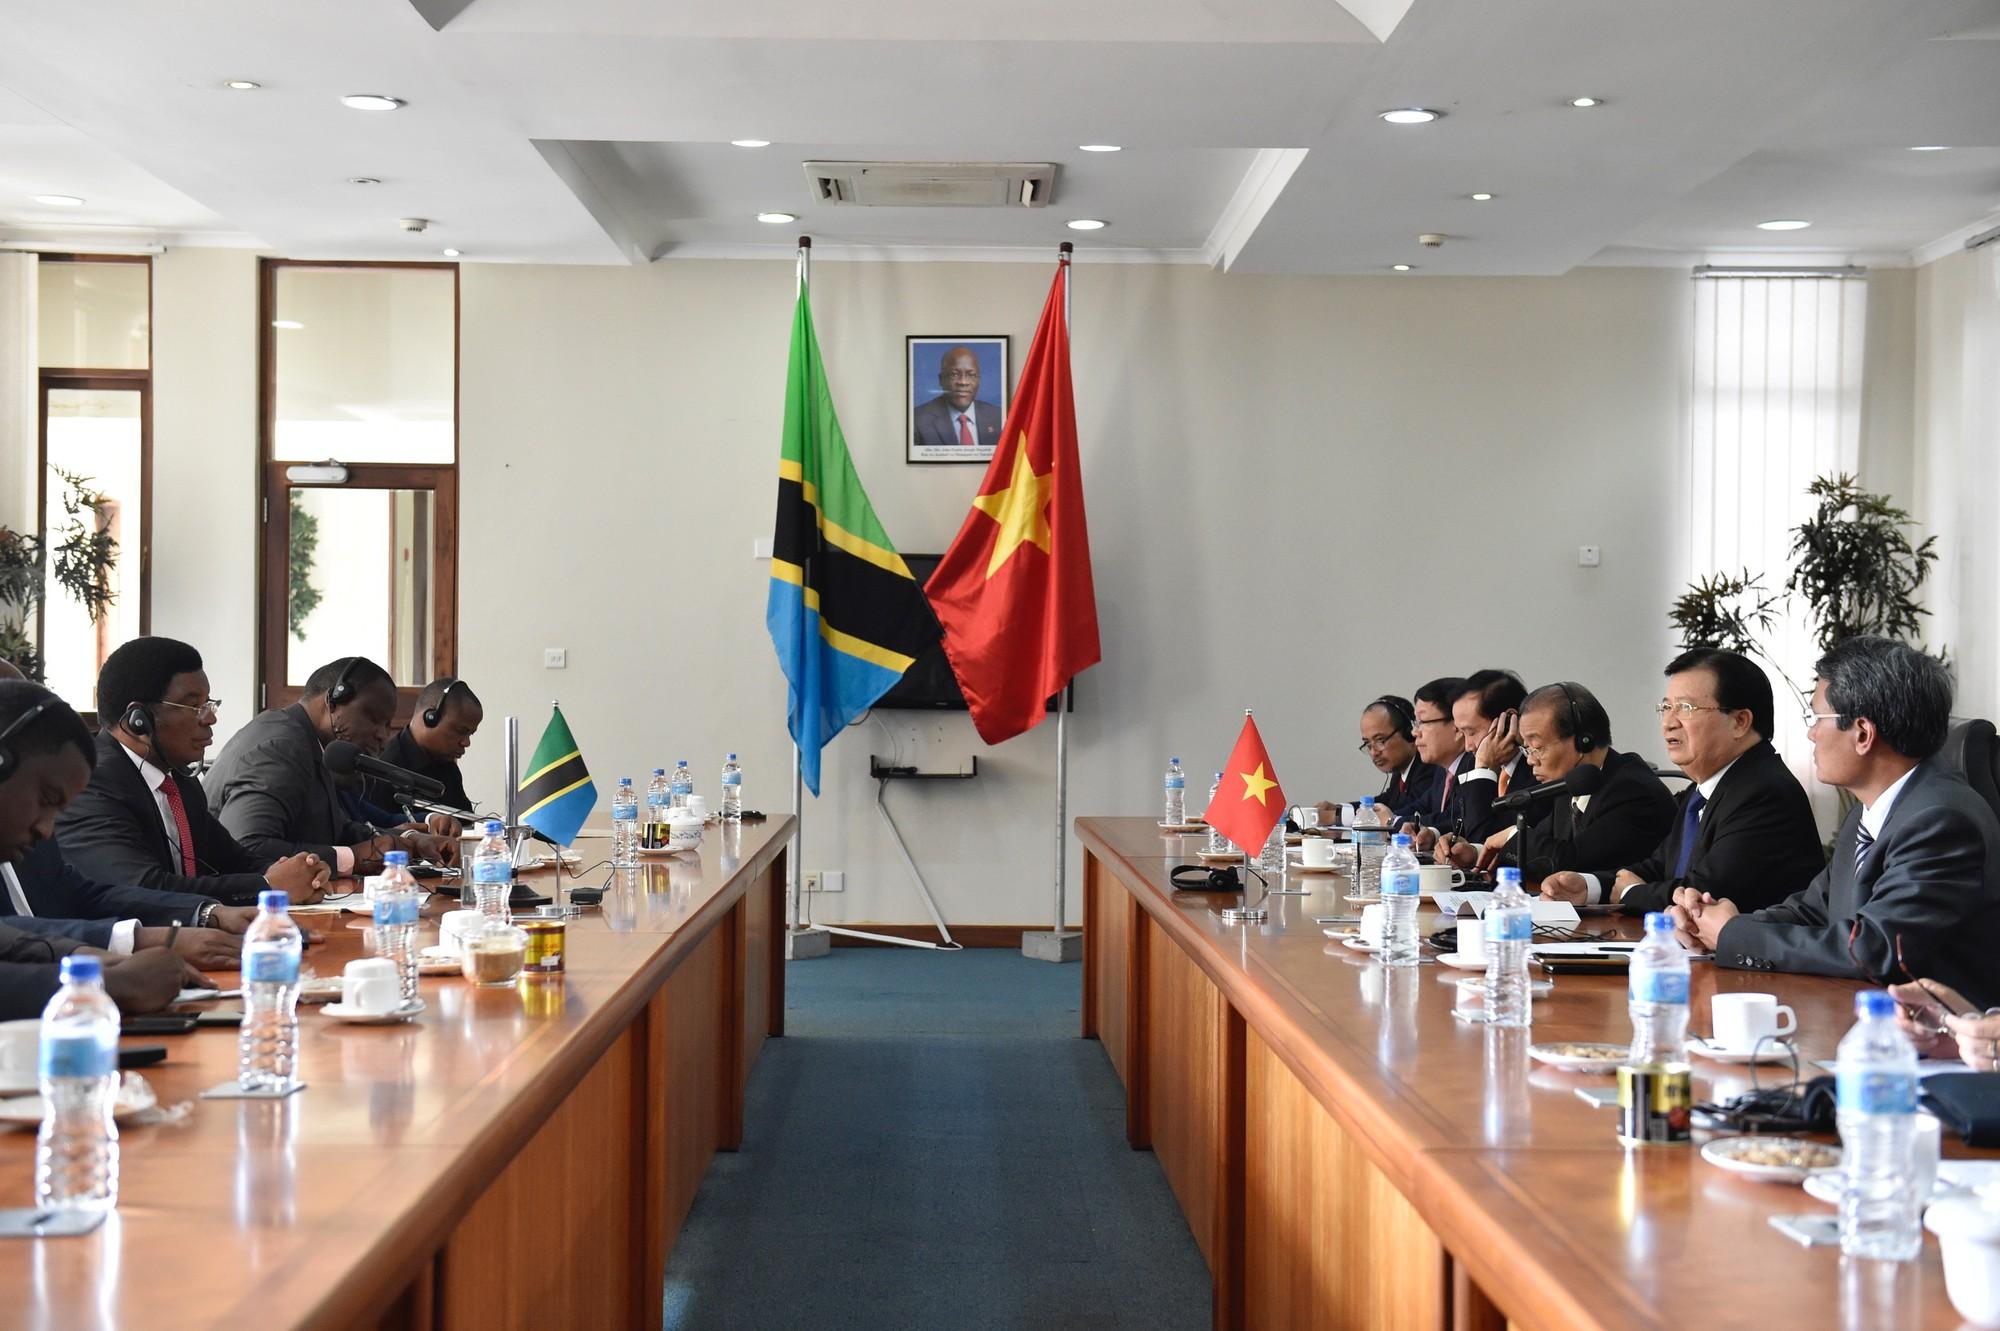 Việt Nam, Tanzania tăng cường hợp tác trên nhiều lĩnh vực - Ảnh 2.